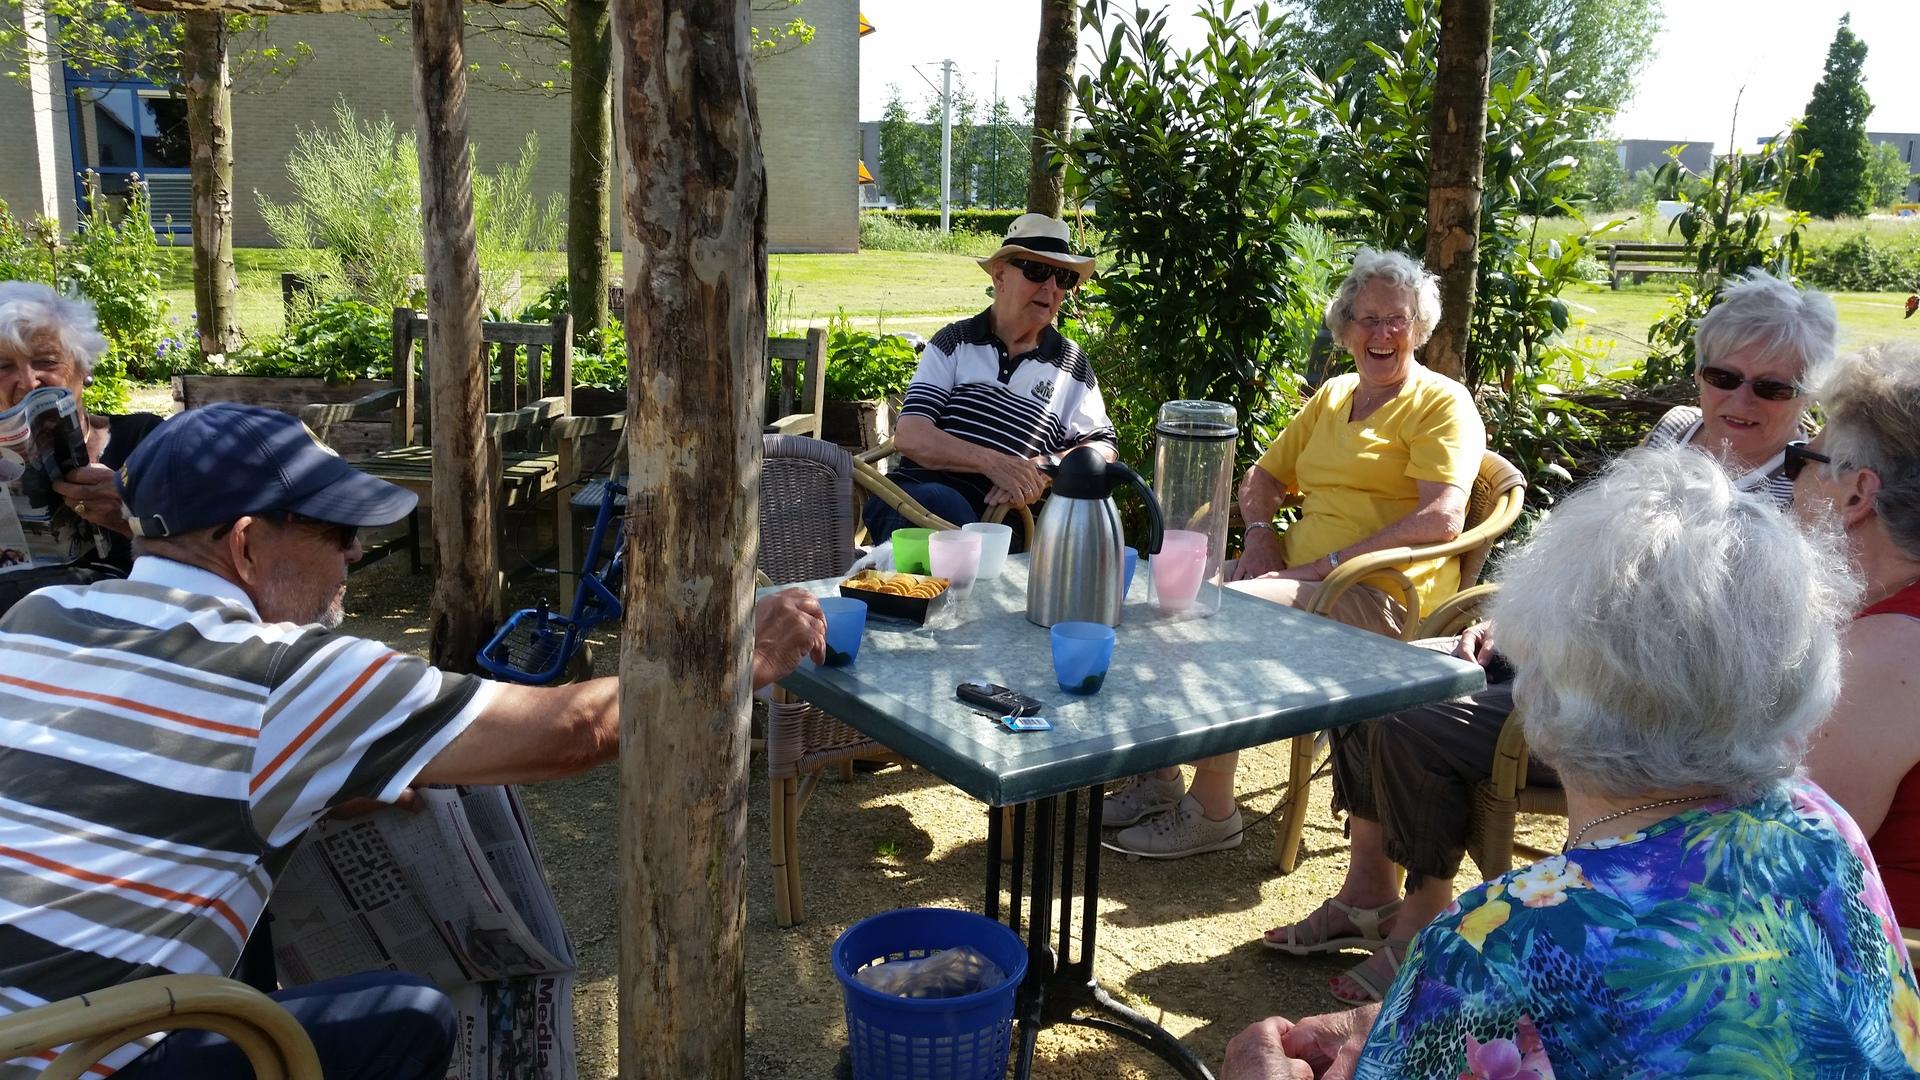 Eetbaar IJsselstein, Hooghe Camp tuin, tuinieren, natuur, IJsselstein, ontmoeten, terras